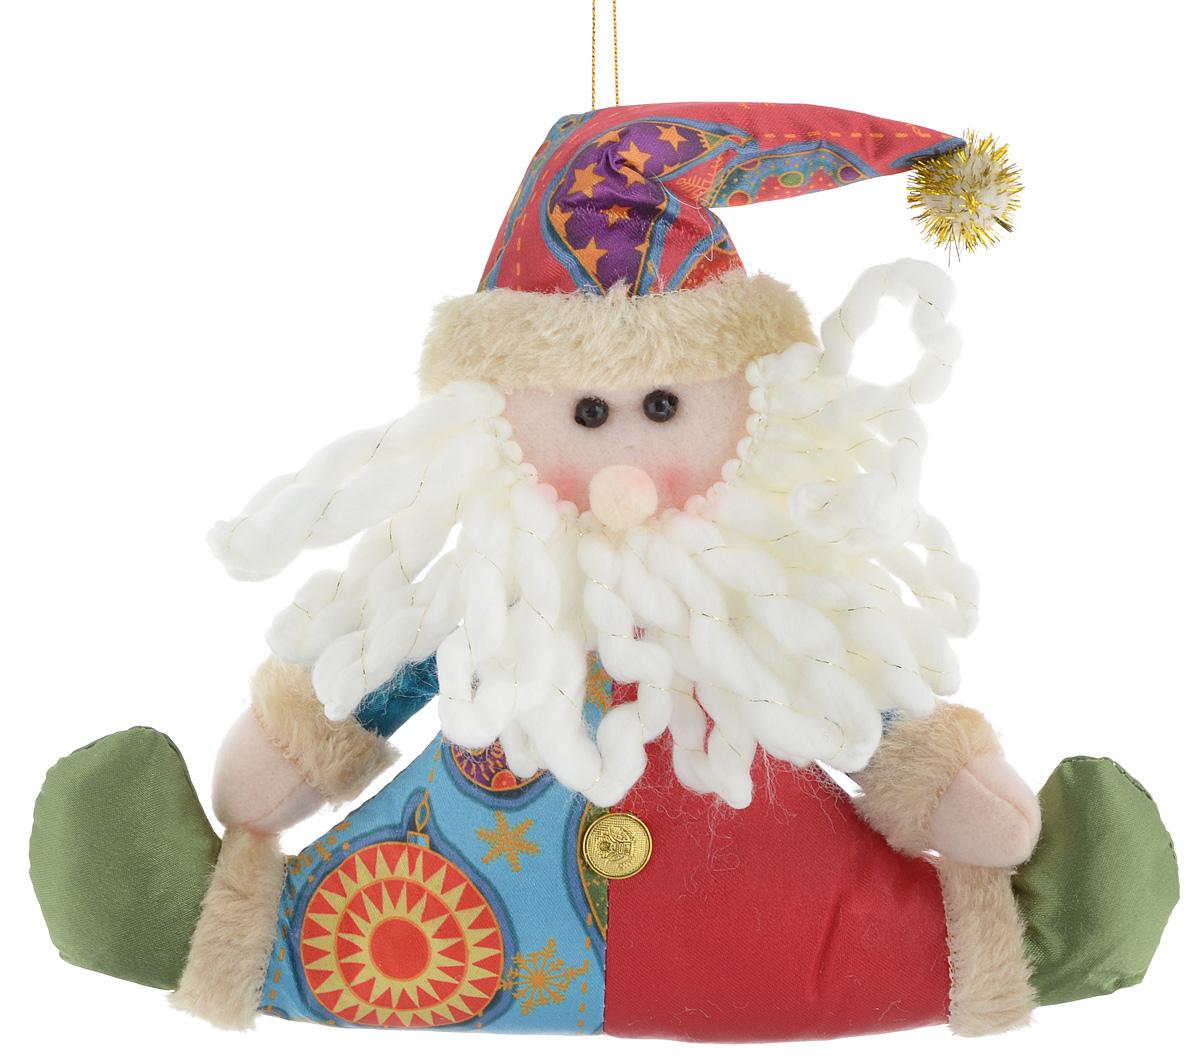 Украшение новогоднее подвесное Win Max Дед Мороз, 17 х 20,5 см175830_CНовогоднее подвесное украшение Win Max Дед Мороз, выполненное из синтепона и текстиля, прекрасно подойдет для праздничного декора дома. С помощью специальной петельки украшение можно подвесить в любом понравившемся вам месте. Новогодние украшения несут в себе волшебство и красоту праздника. Они помогут вам украсить дом к предстоящим праздникам и оживить интерьер по вашему вкусу. Создайте в доме атмосферу тепла, веселья и радости, украшая его всей семьей.